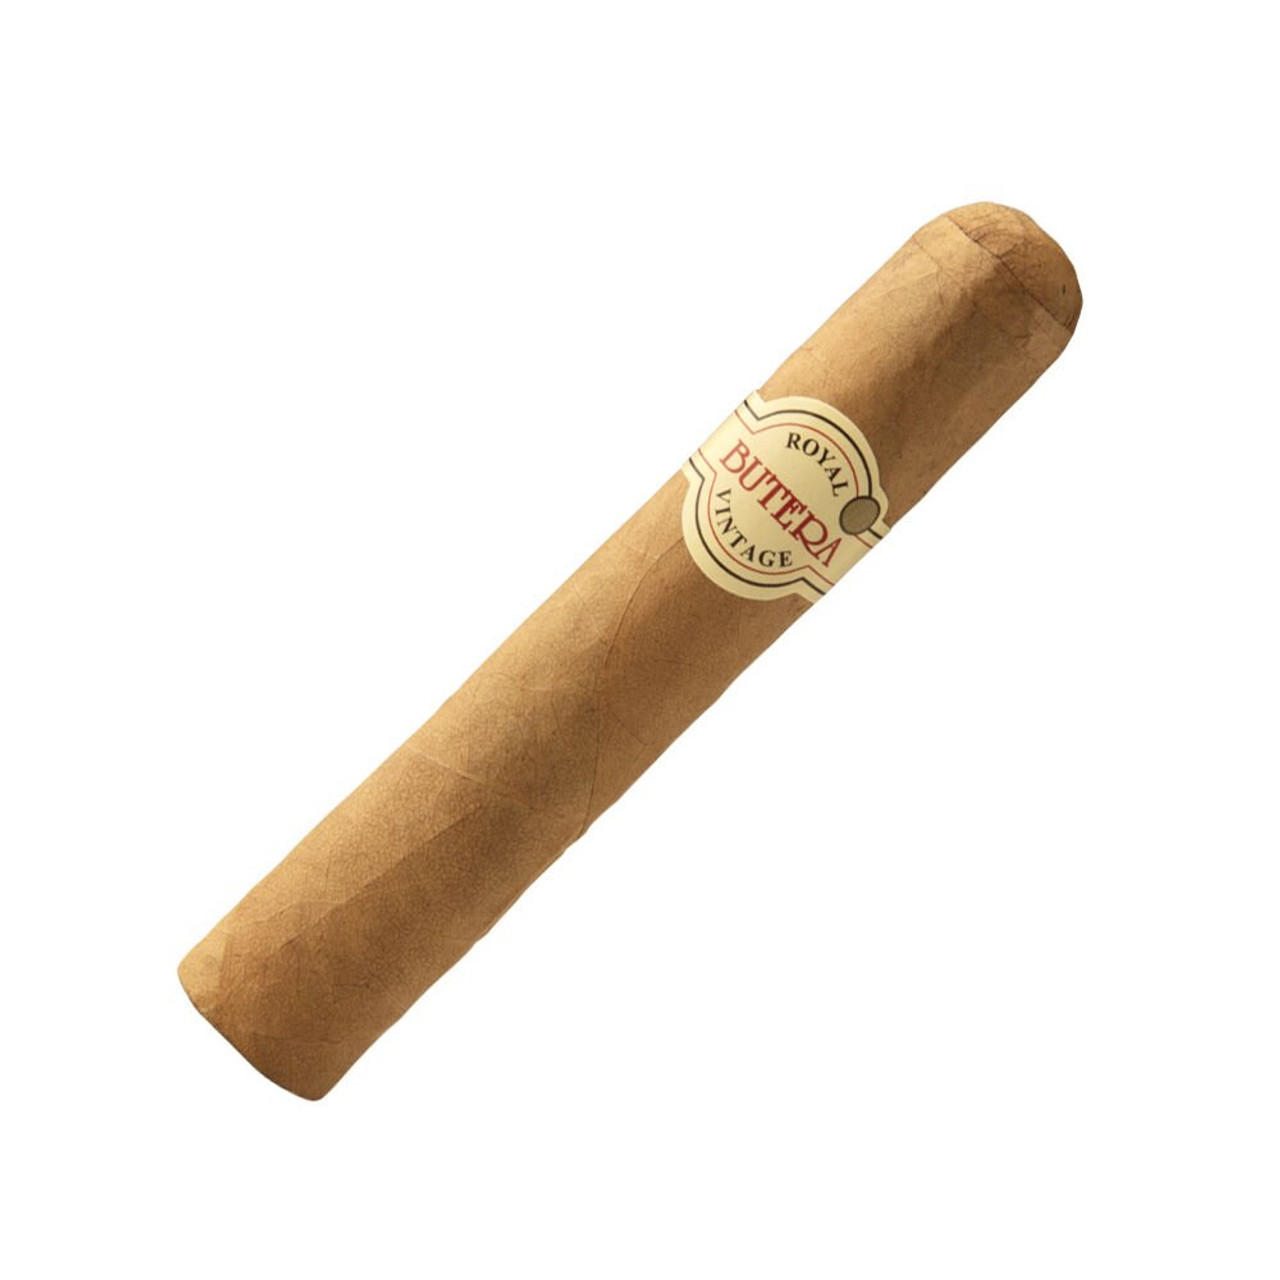 Butera Royal Vintage Fumo Dolce Cigars - 5 1/2 x 44 (Box of 20)